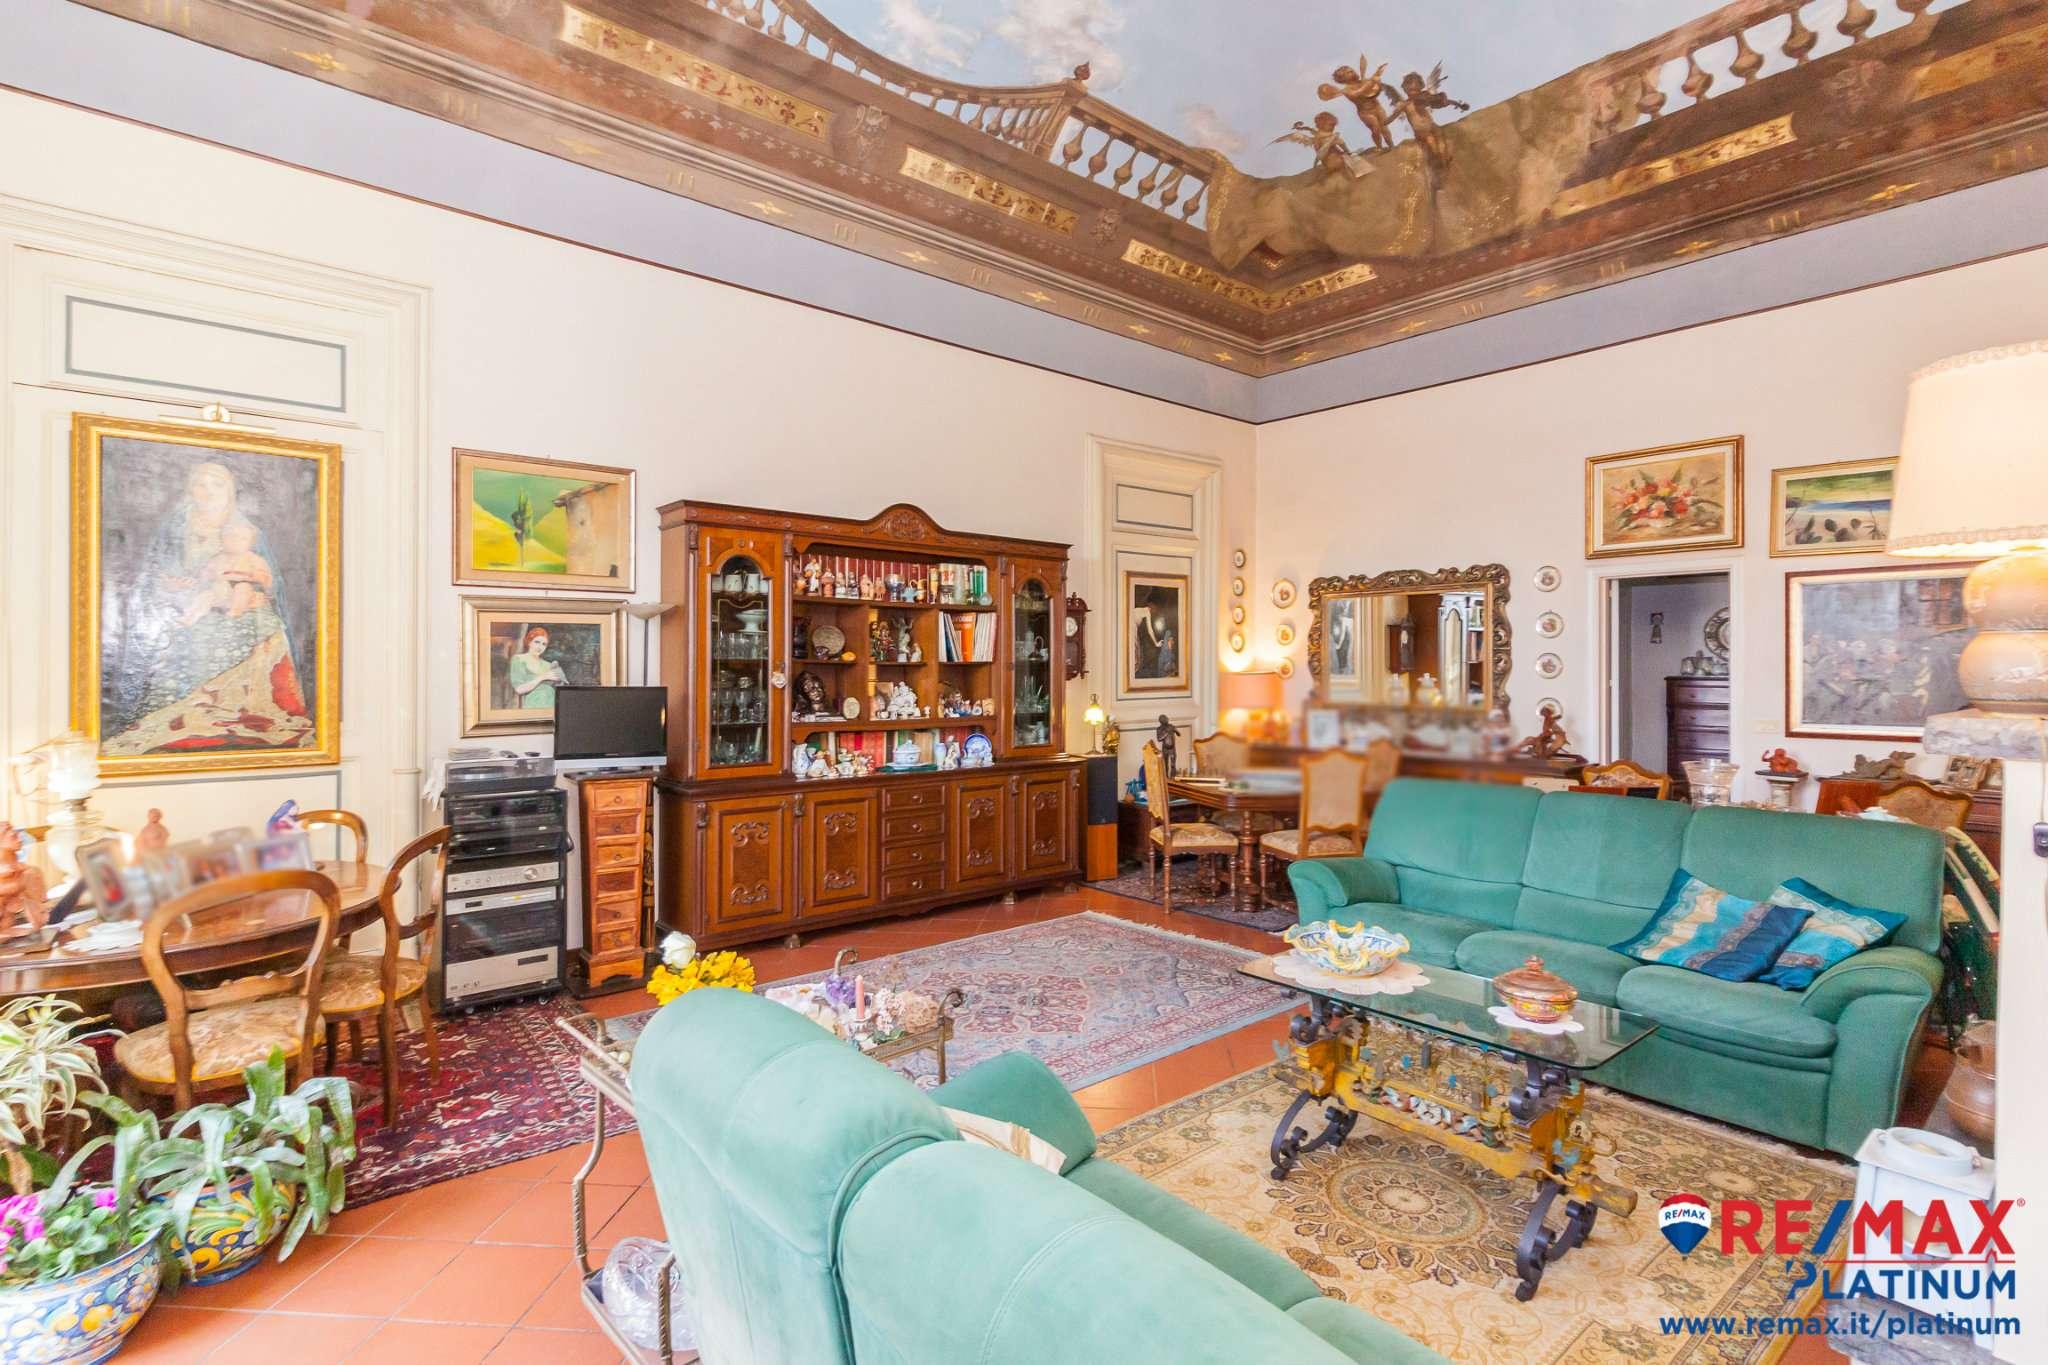 Soluzione Indipendente in vendita a Catania, 5 locali, prezzo € 450.000 | CambioCasa.it